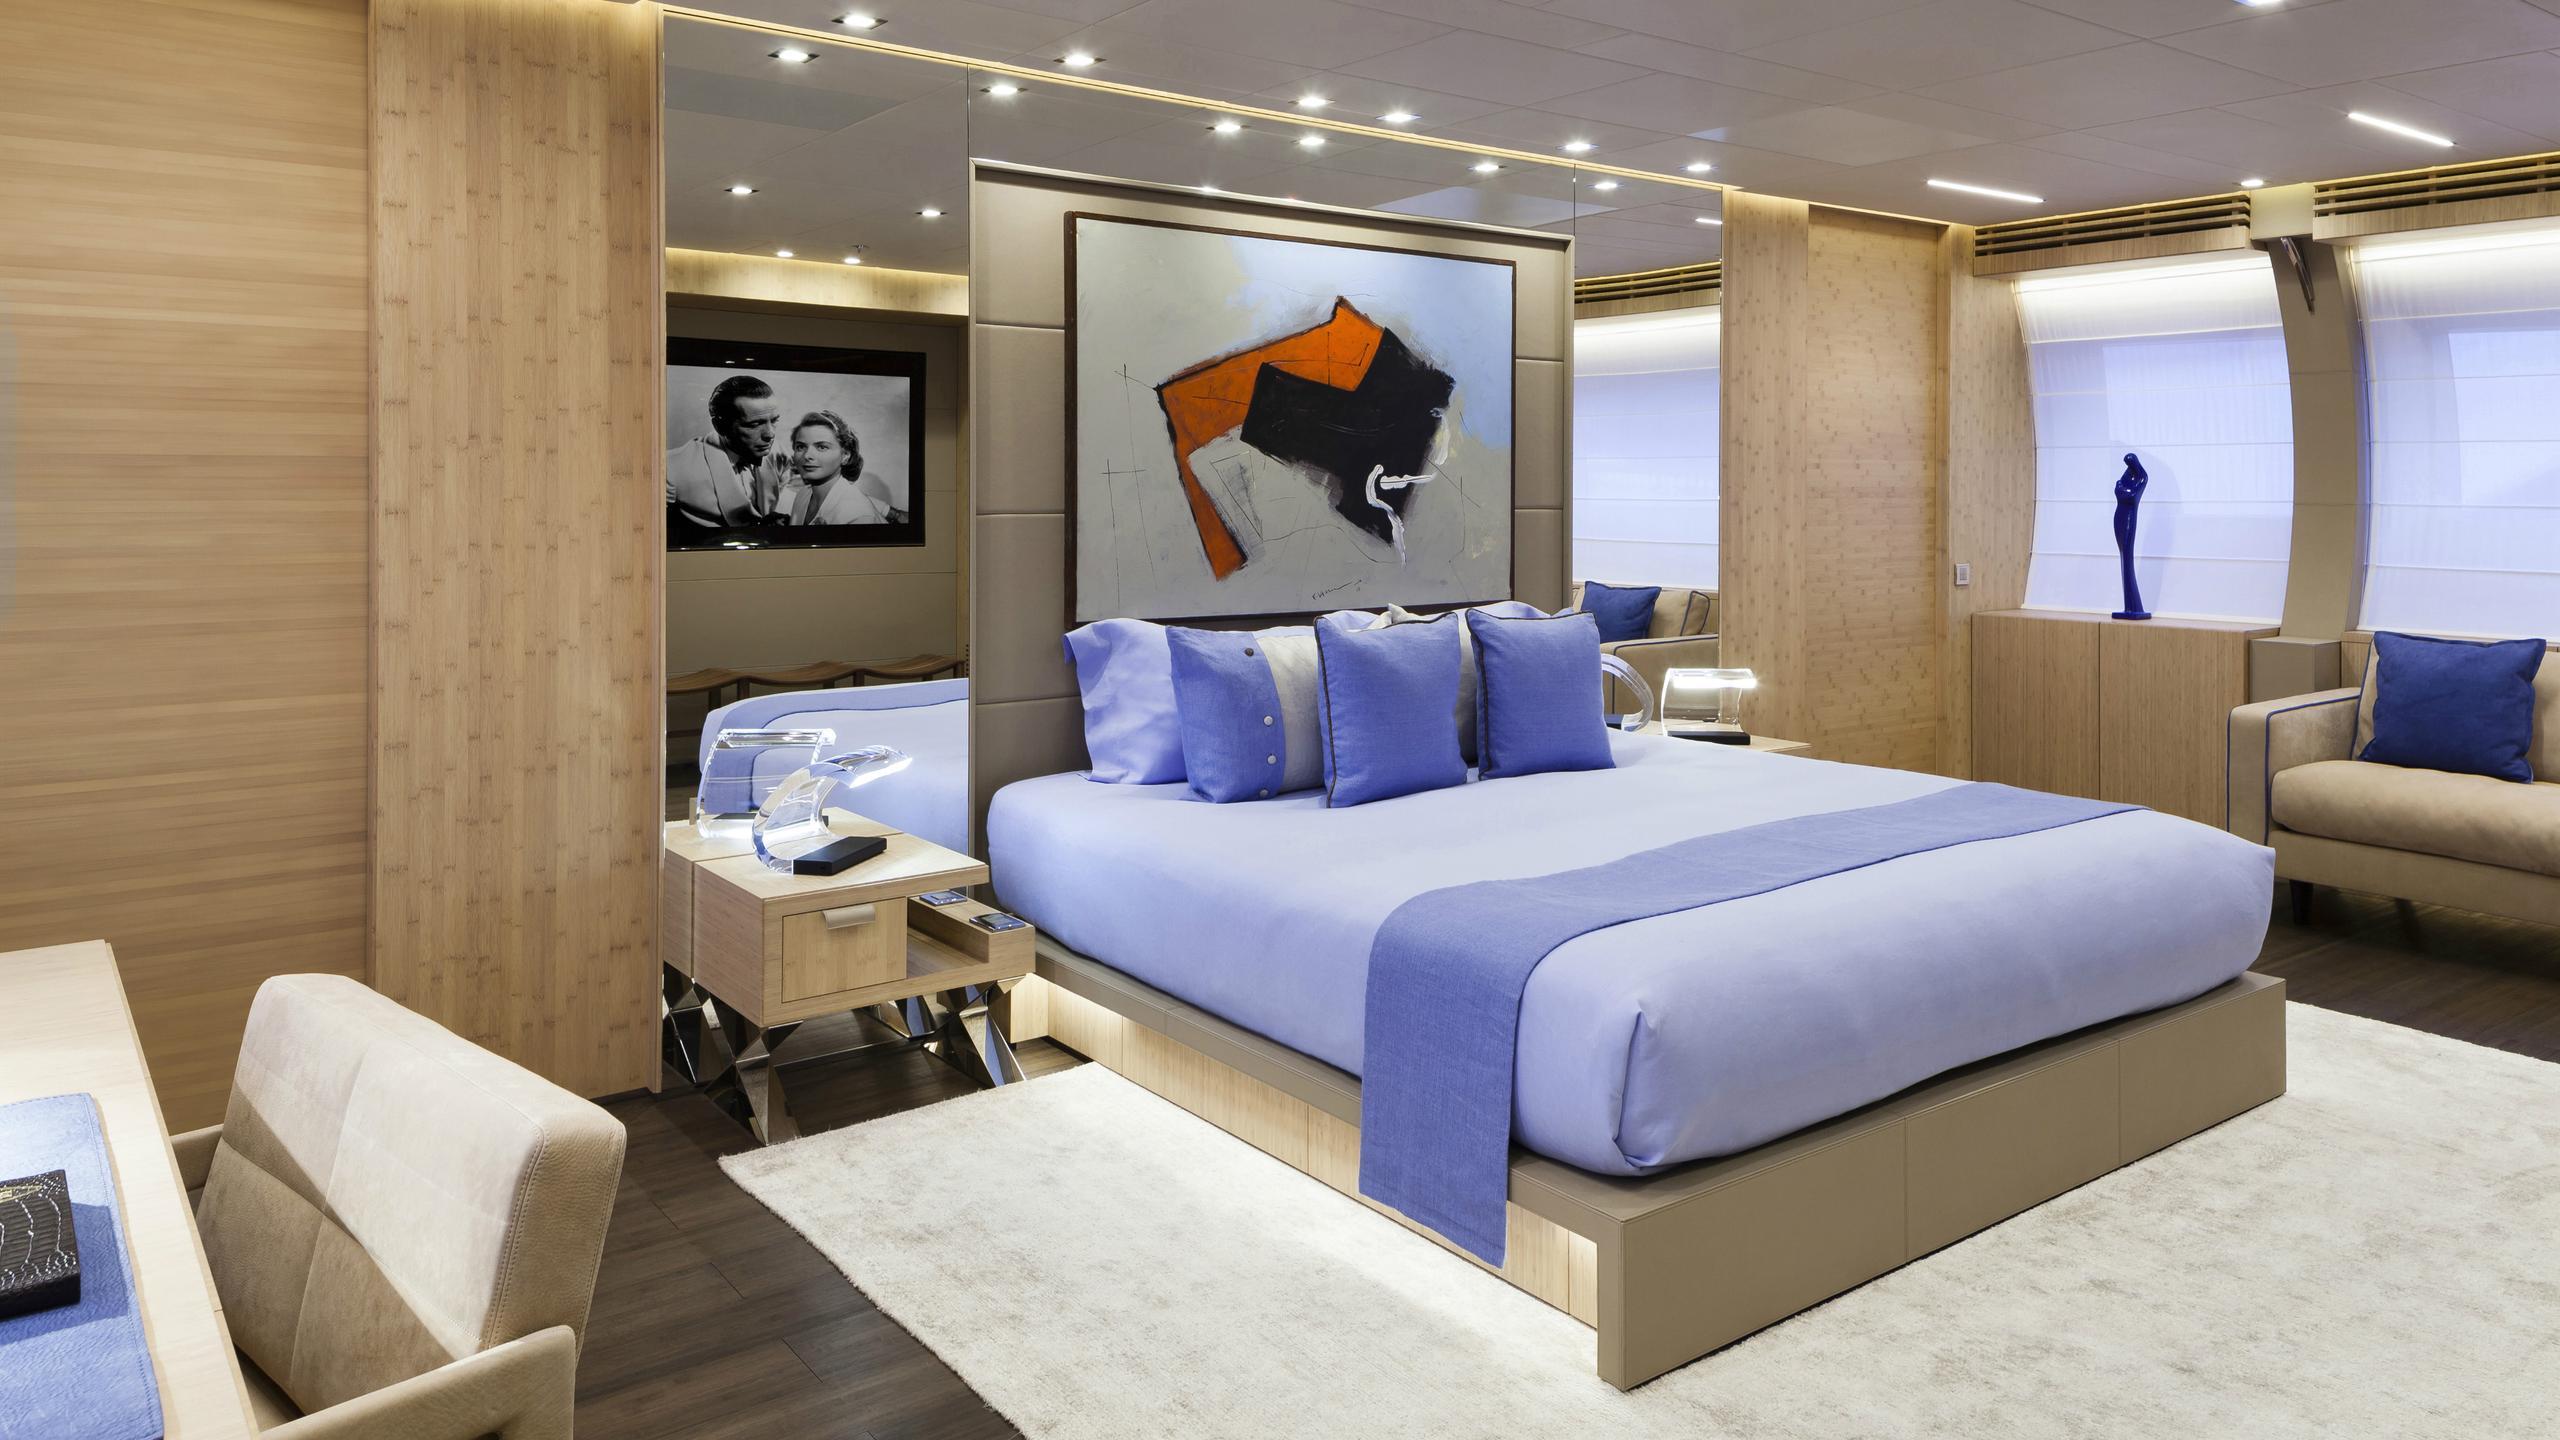 crazy-me-motor-yacht-heesen-2013-50m-master-cabin